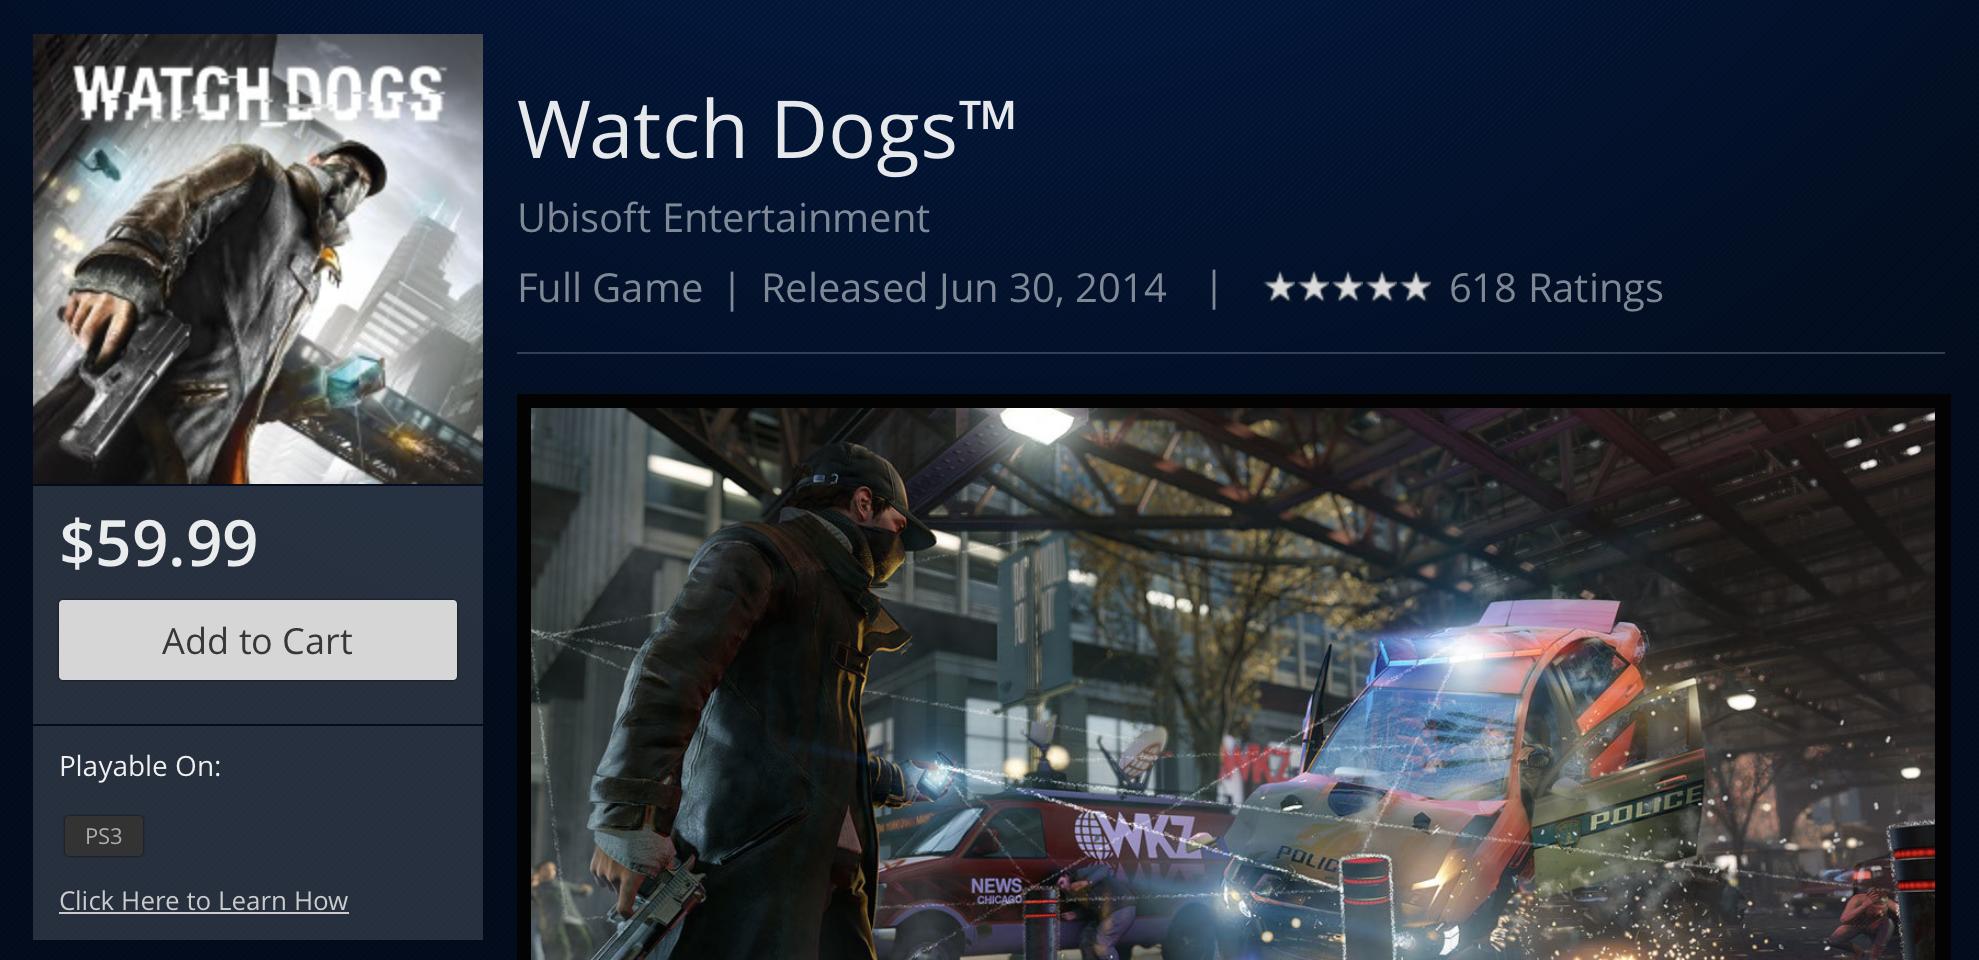 Watch_Dogs Release Date